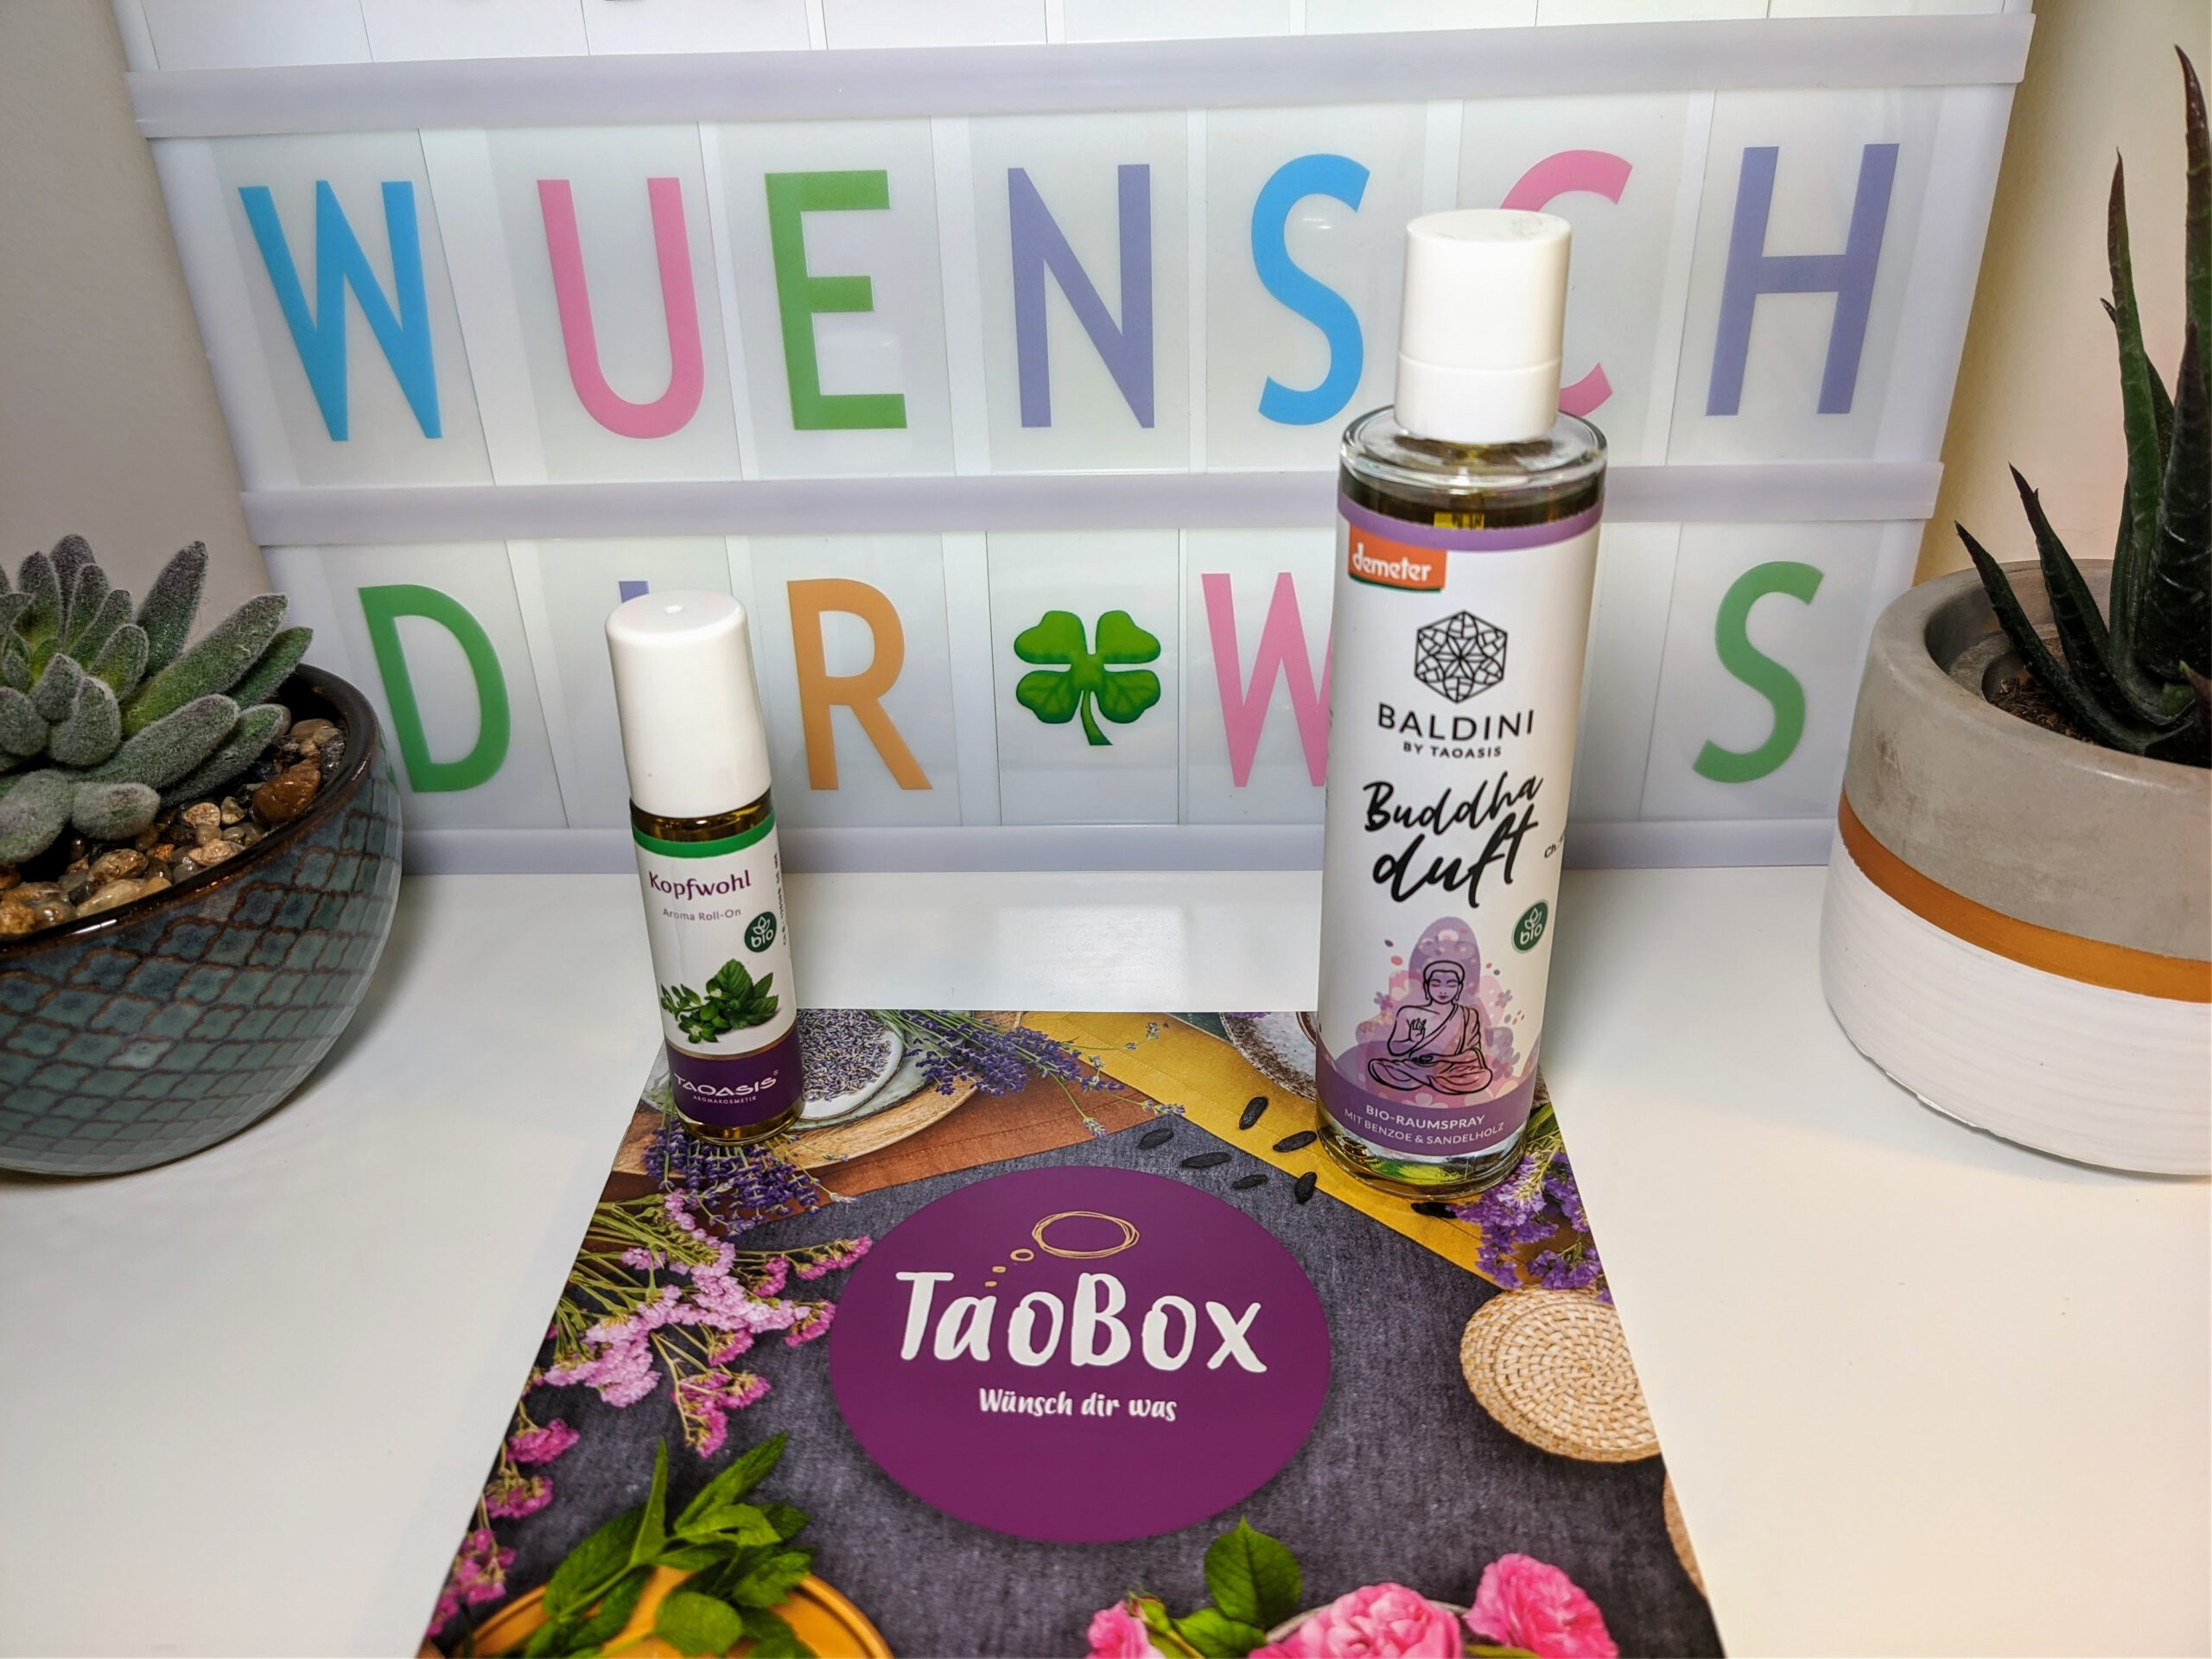 TaoBox – Wünsch dir was – Raumspray Buddhaduft und Kopfwohl Roll-On